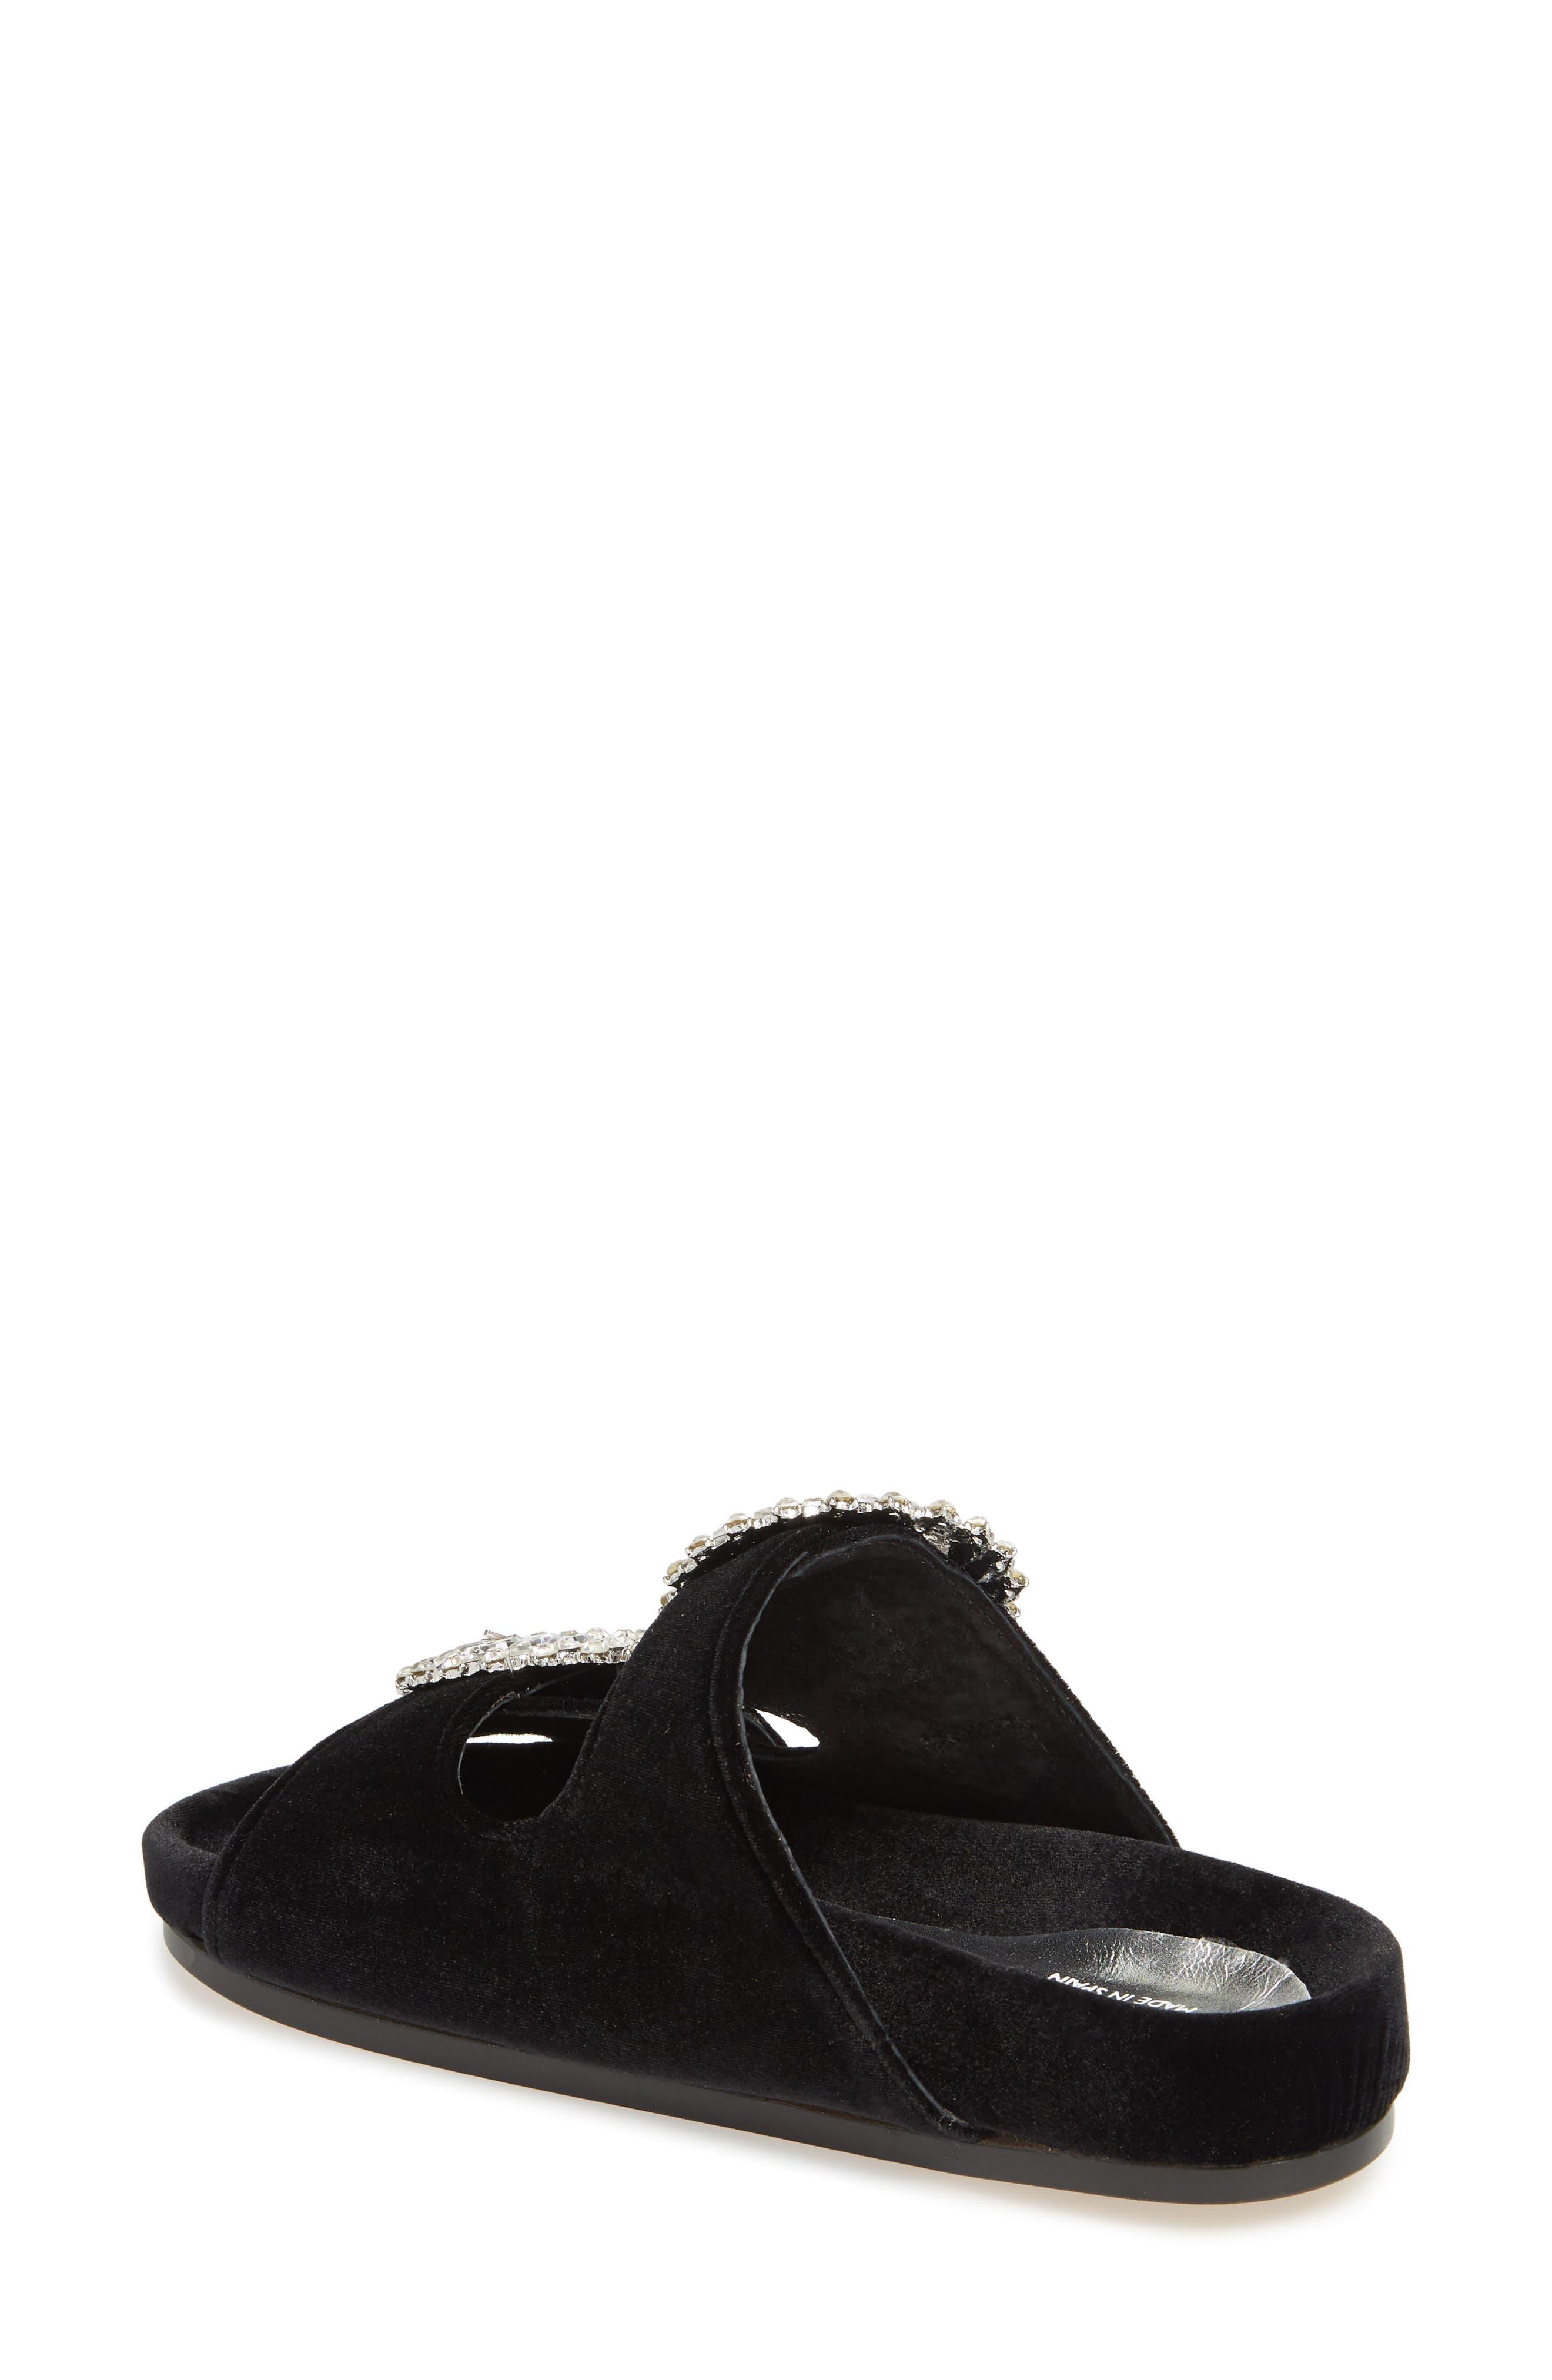 JEFFREY CAMPBELL,                             Izaro Embellished Slide Sandal,                             Alternate thumbnail 2, color,                             040